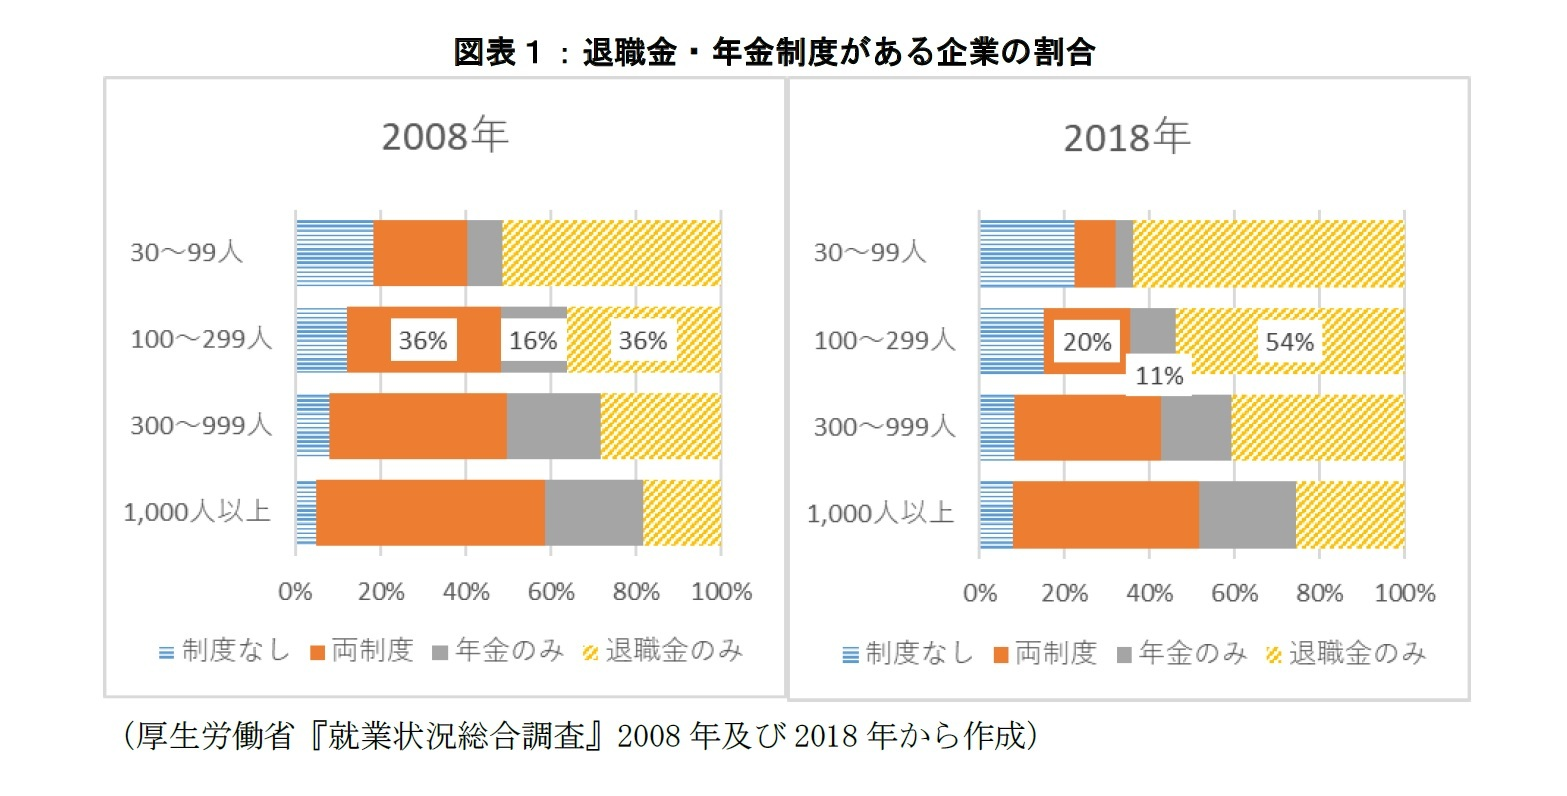 図表1:退職金・年金制度がある企業の割合